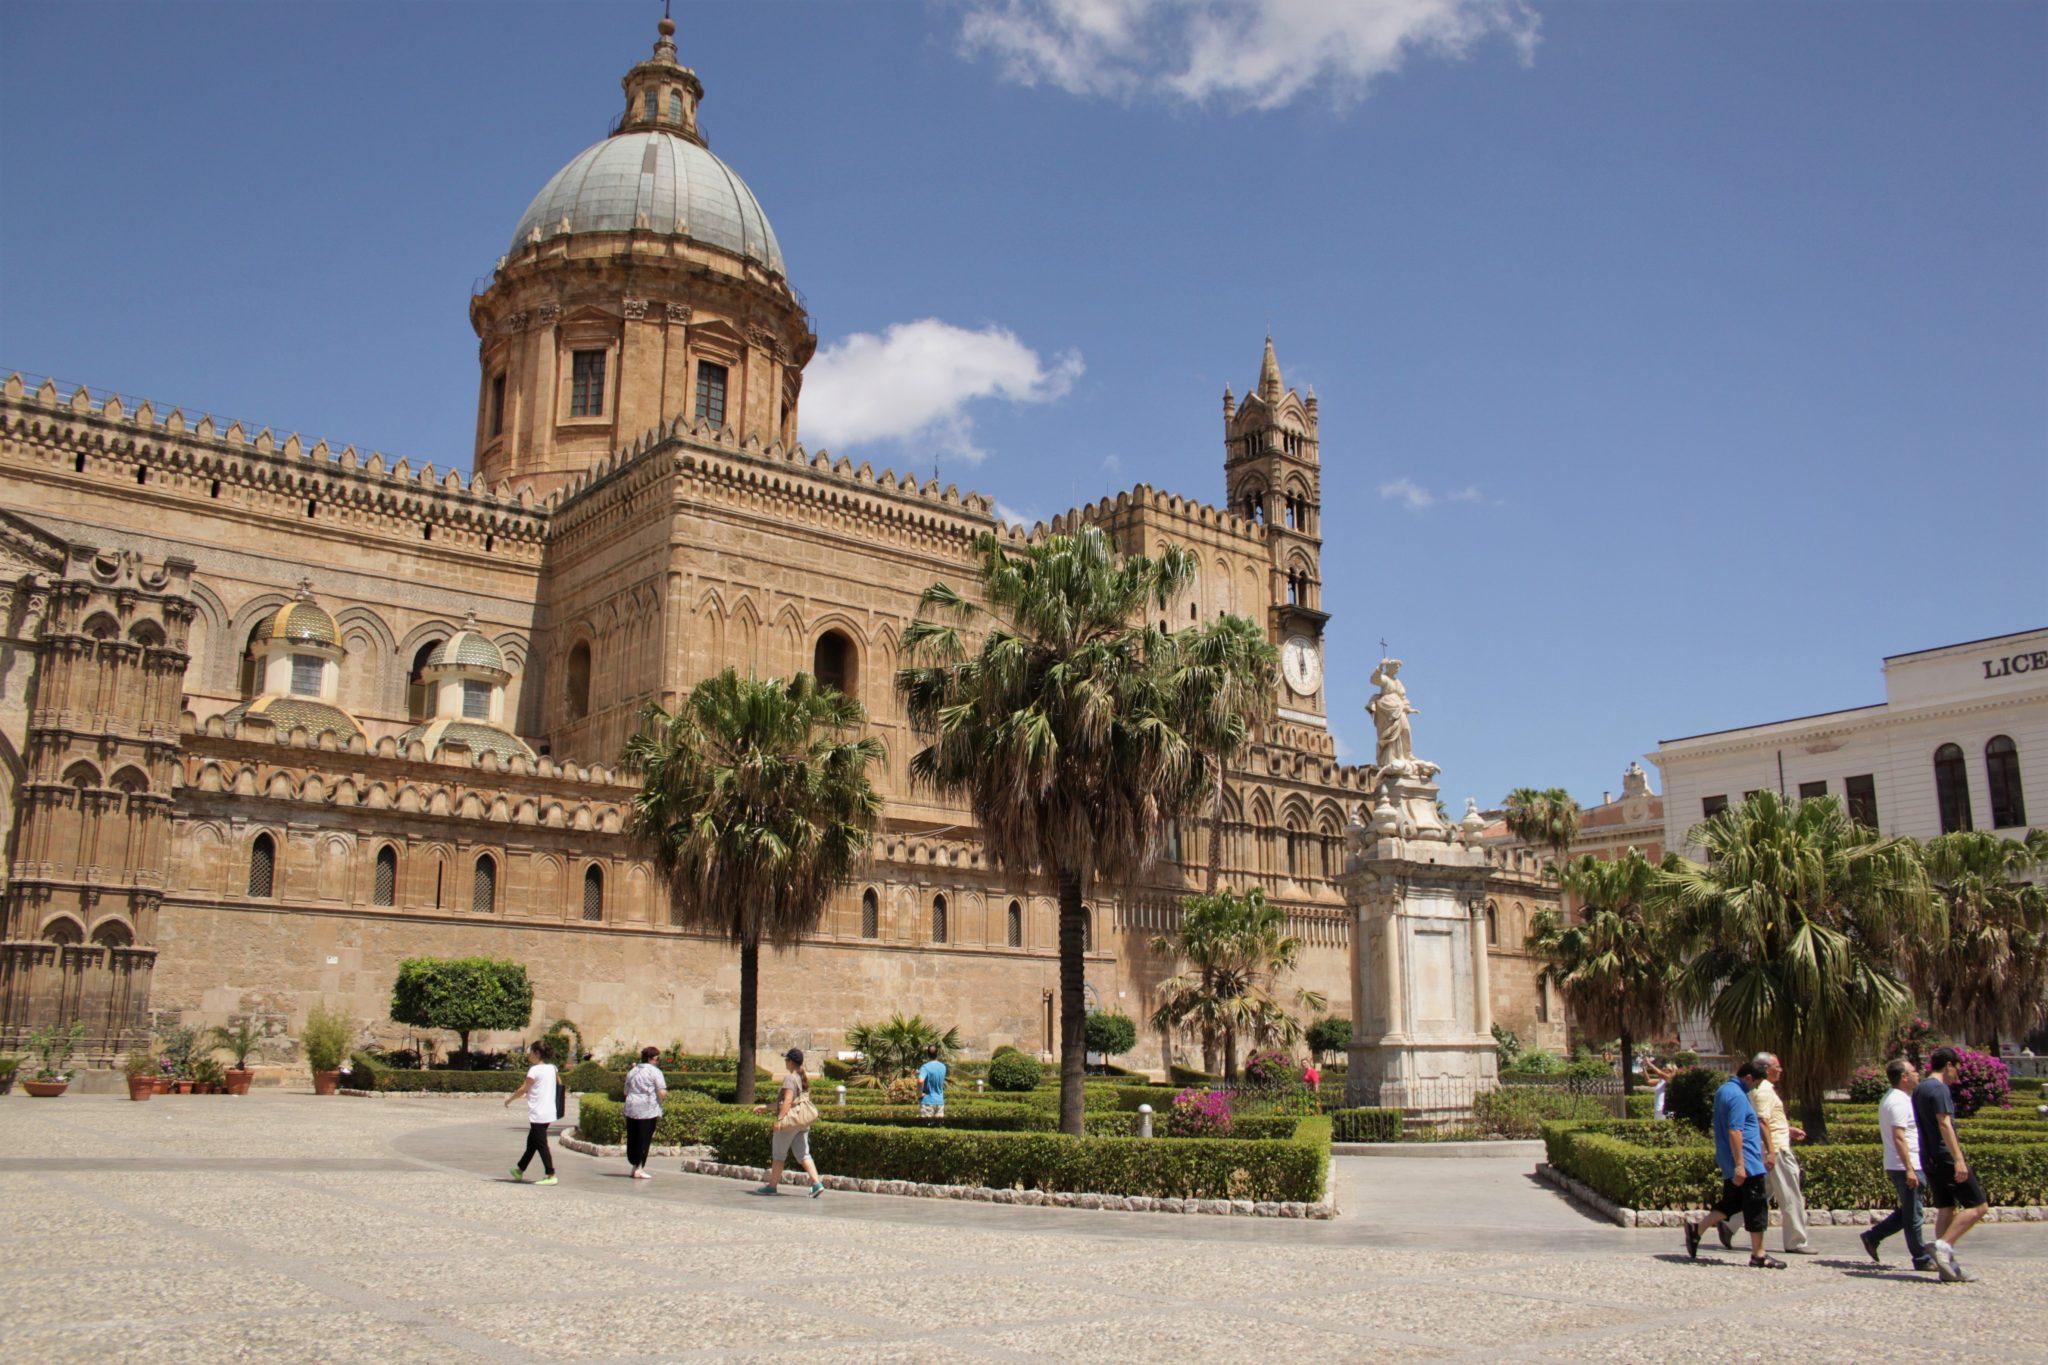 La cattedrale di Palermo, tra le capitali della cultura dal 2018